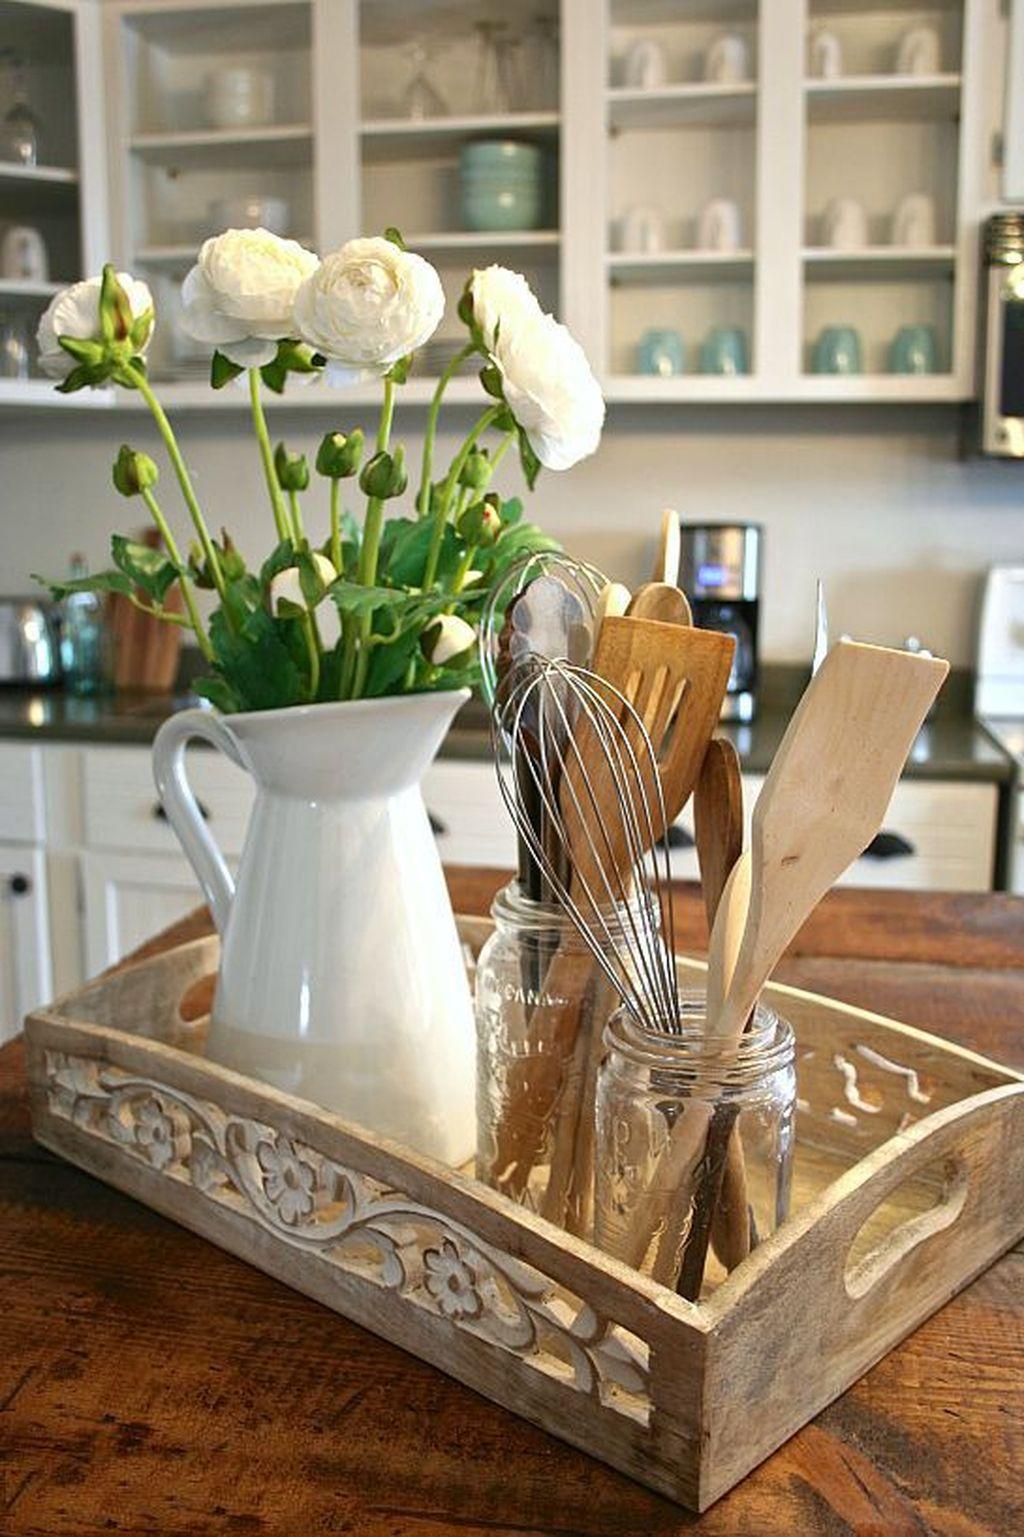 Amazing Organized Farmhouse Kitchen Decor Ideas 38